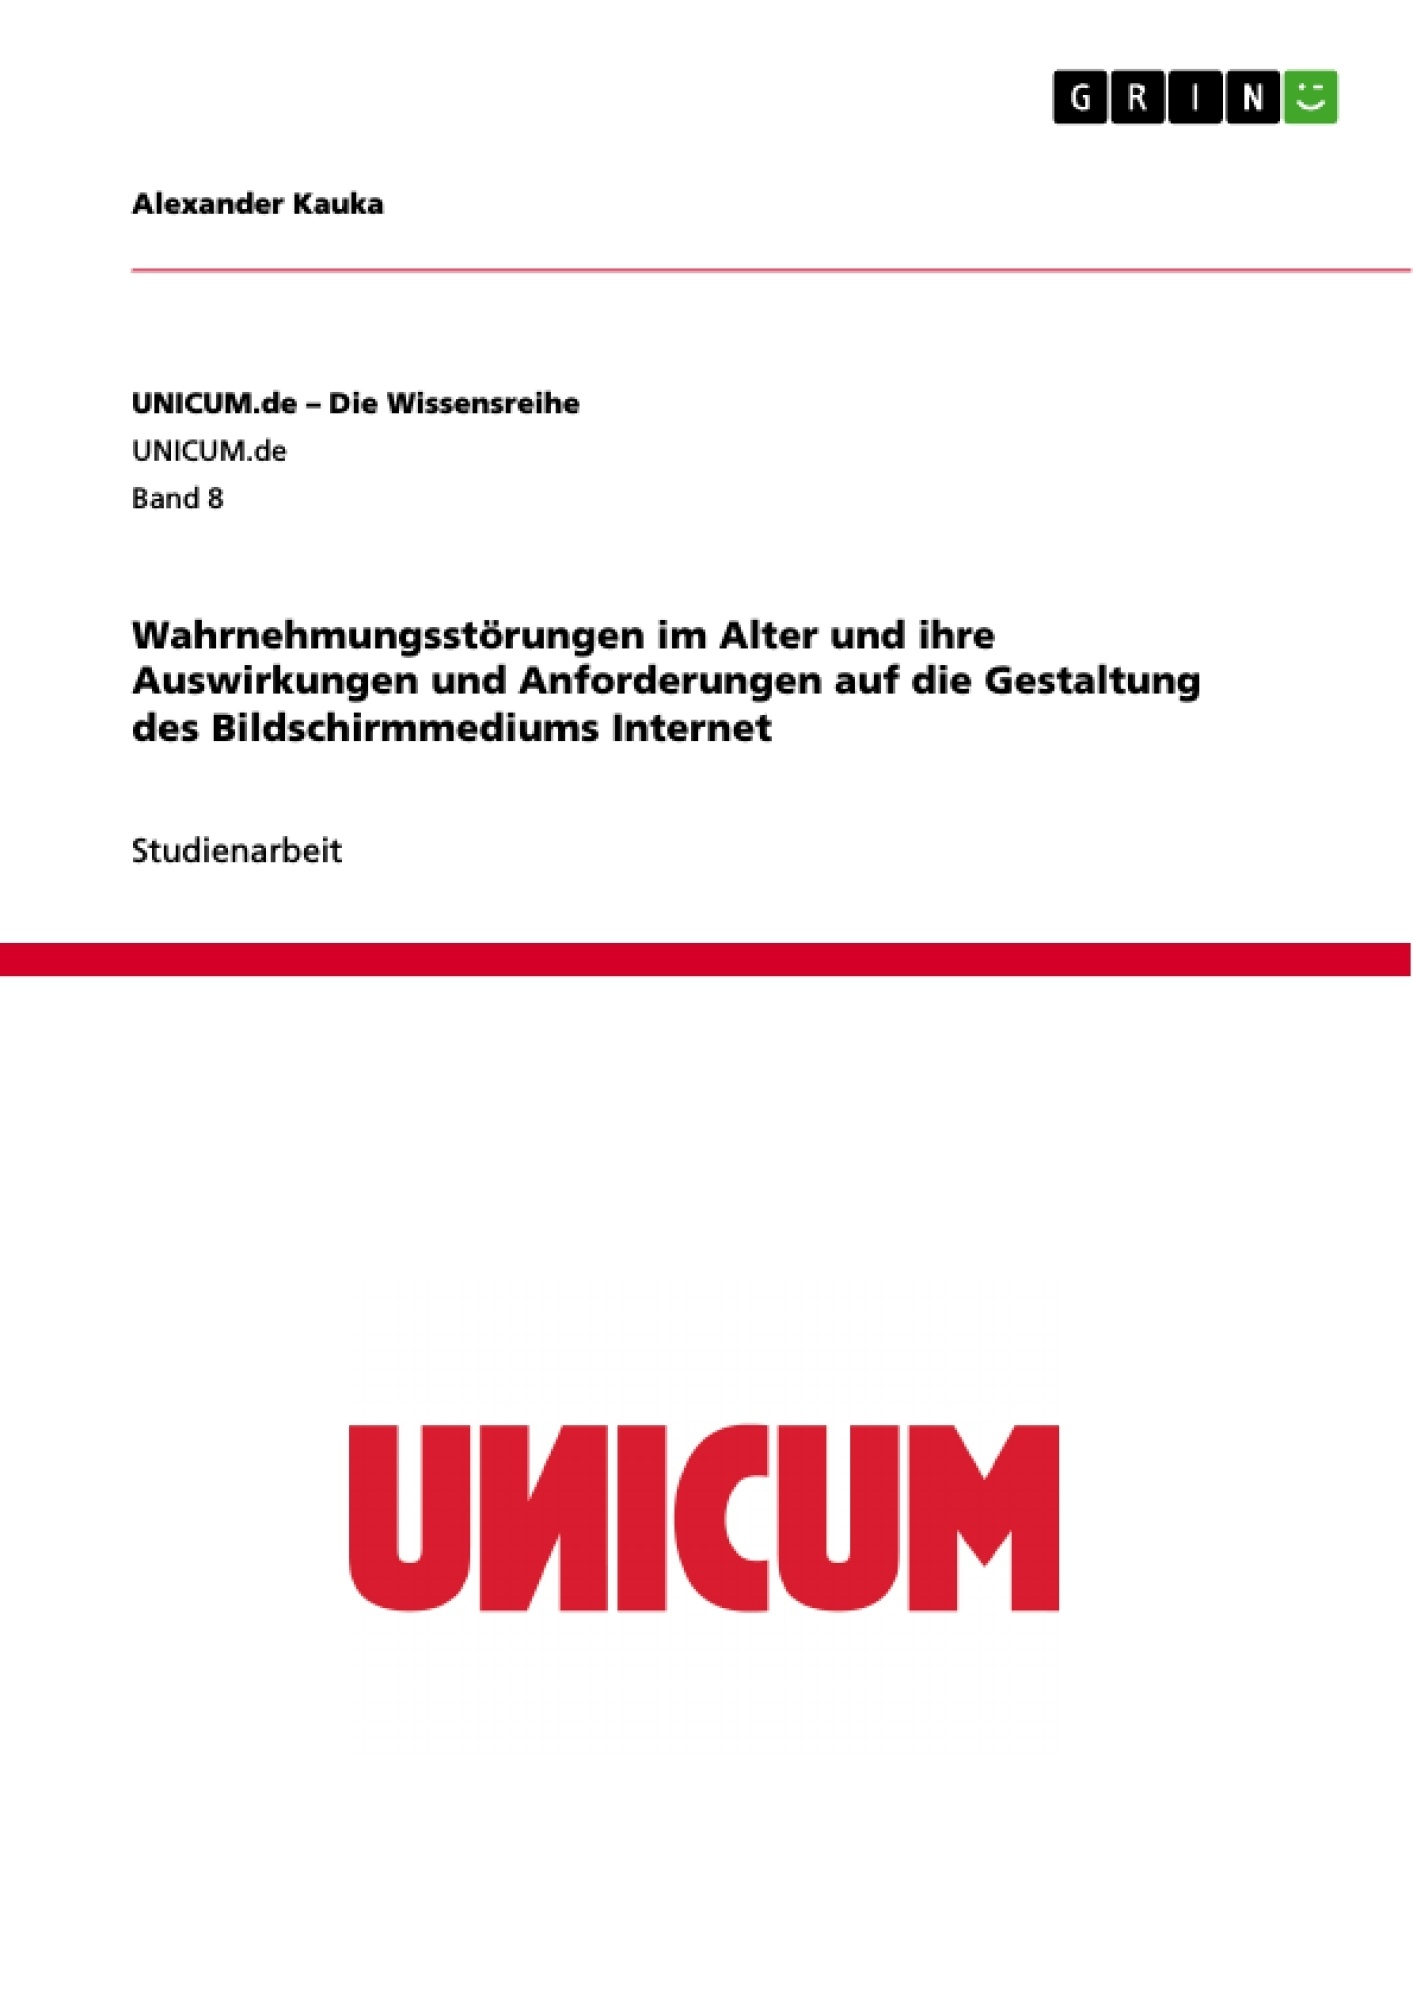 Titel: Wahrnehmungsstörungen im Alter und ihre Auswirkungen und Anforderungen  auf die Gestaltung des Bildschirmmediums Internet